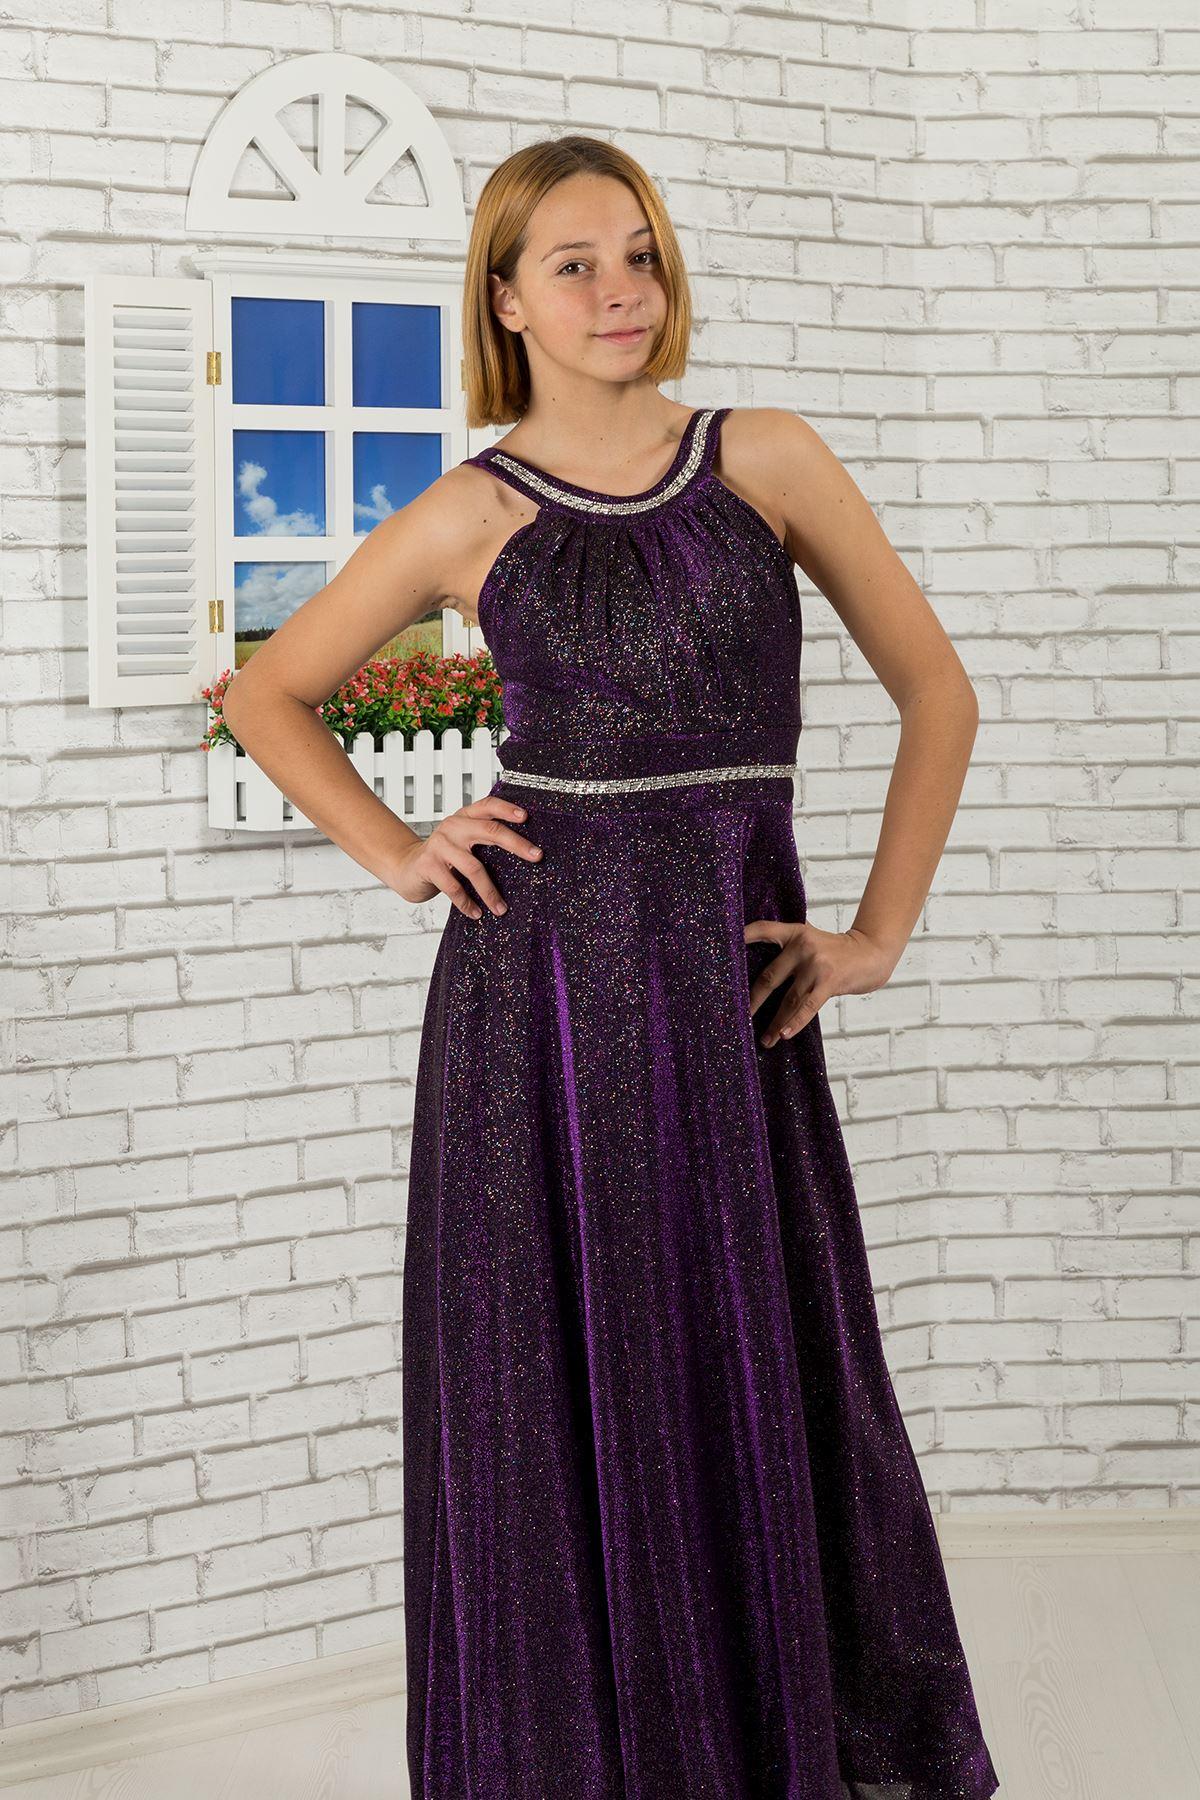 Taille und Hals Stein detaillierte, silbrig Stoff Mädchen Kinder Abendkleid 469 Lila